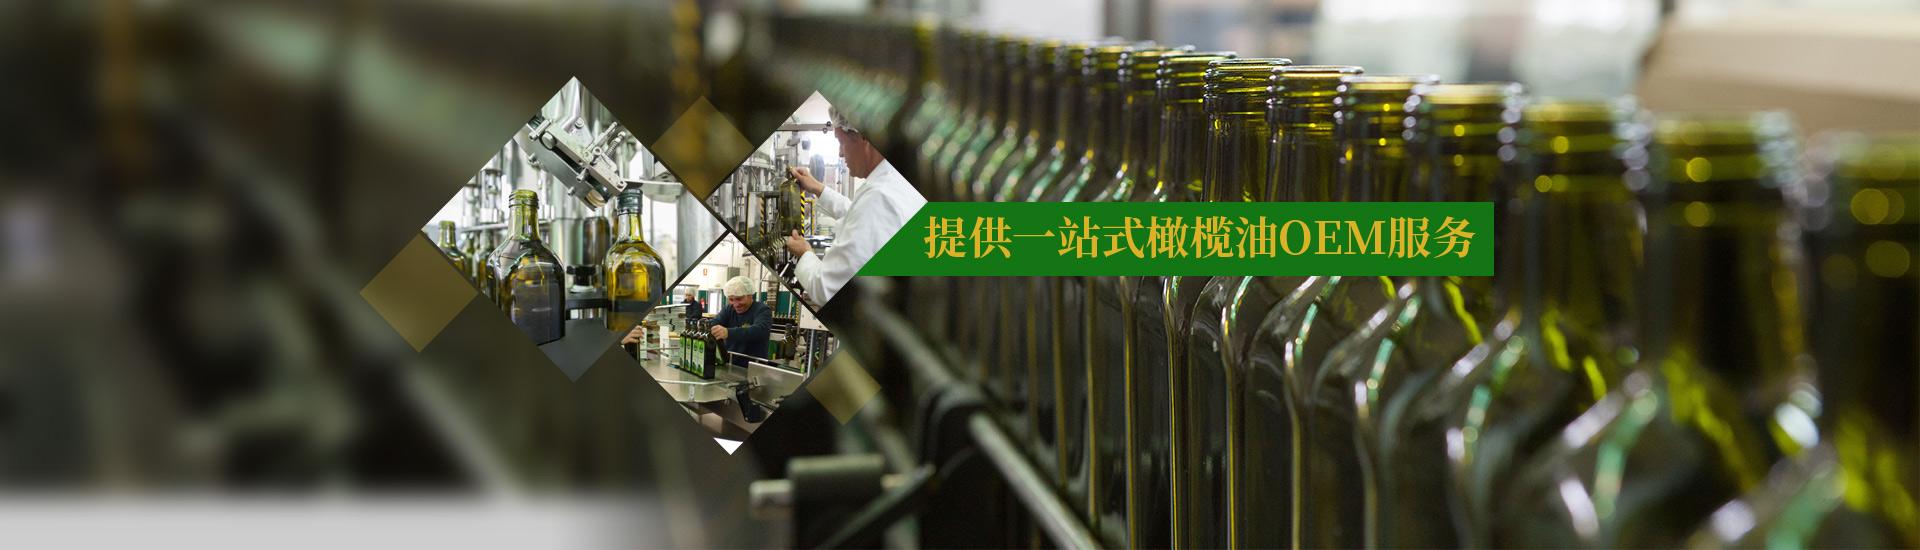 维多利亚提供一站式橄榄油OEM服务